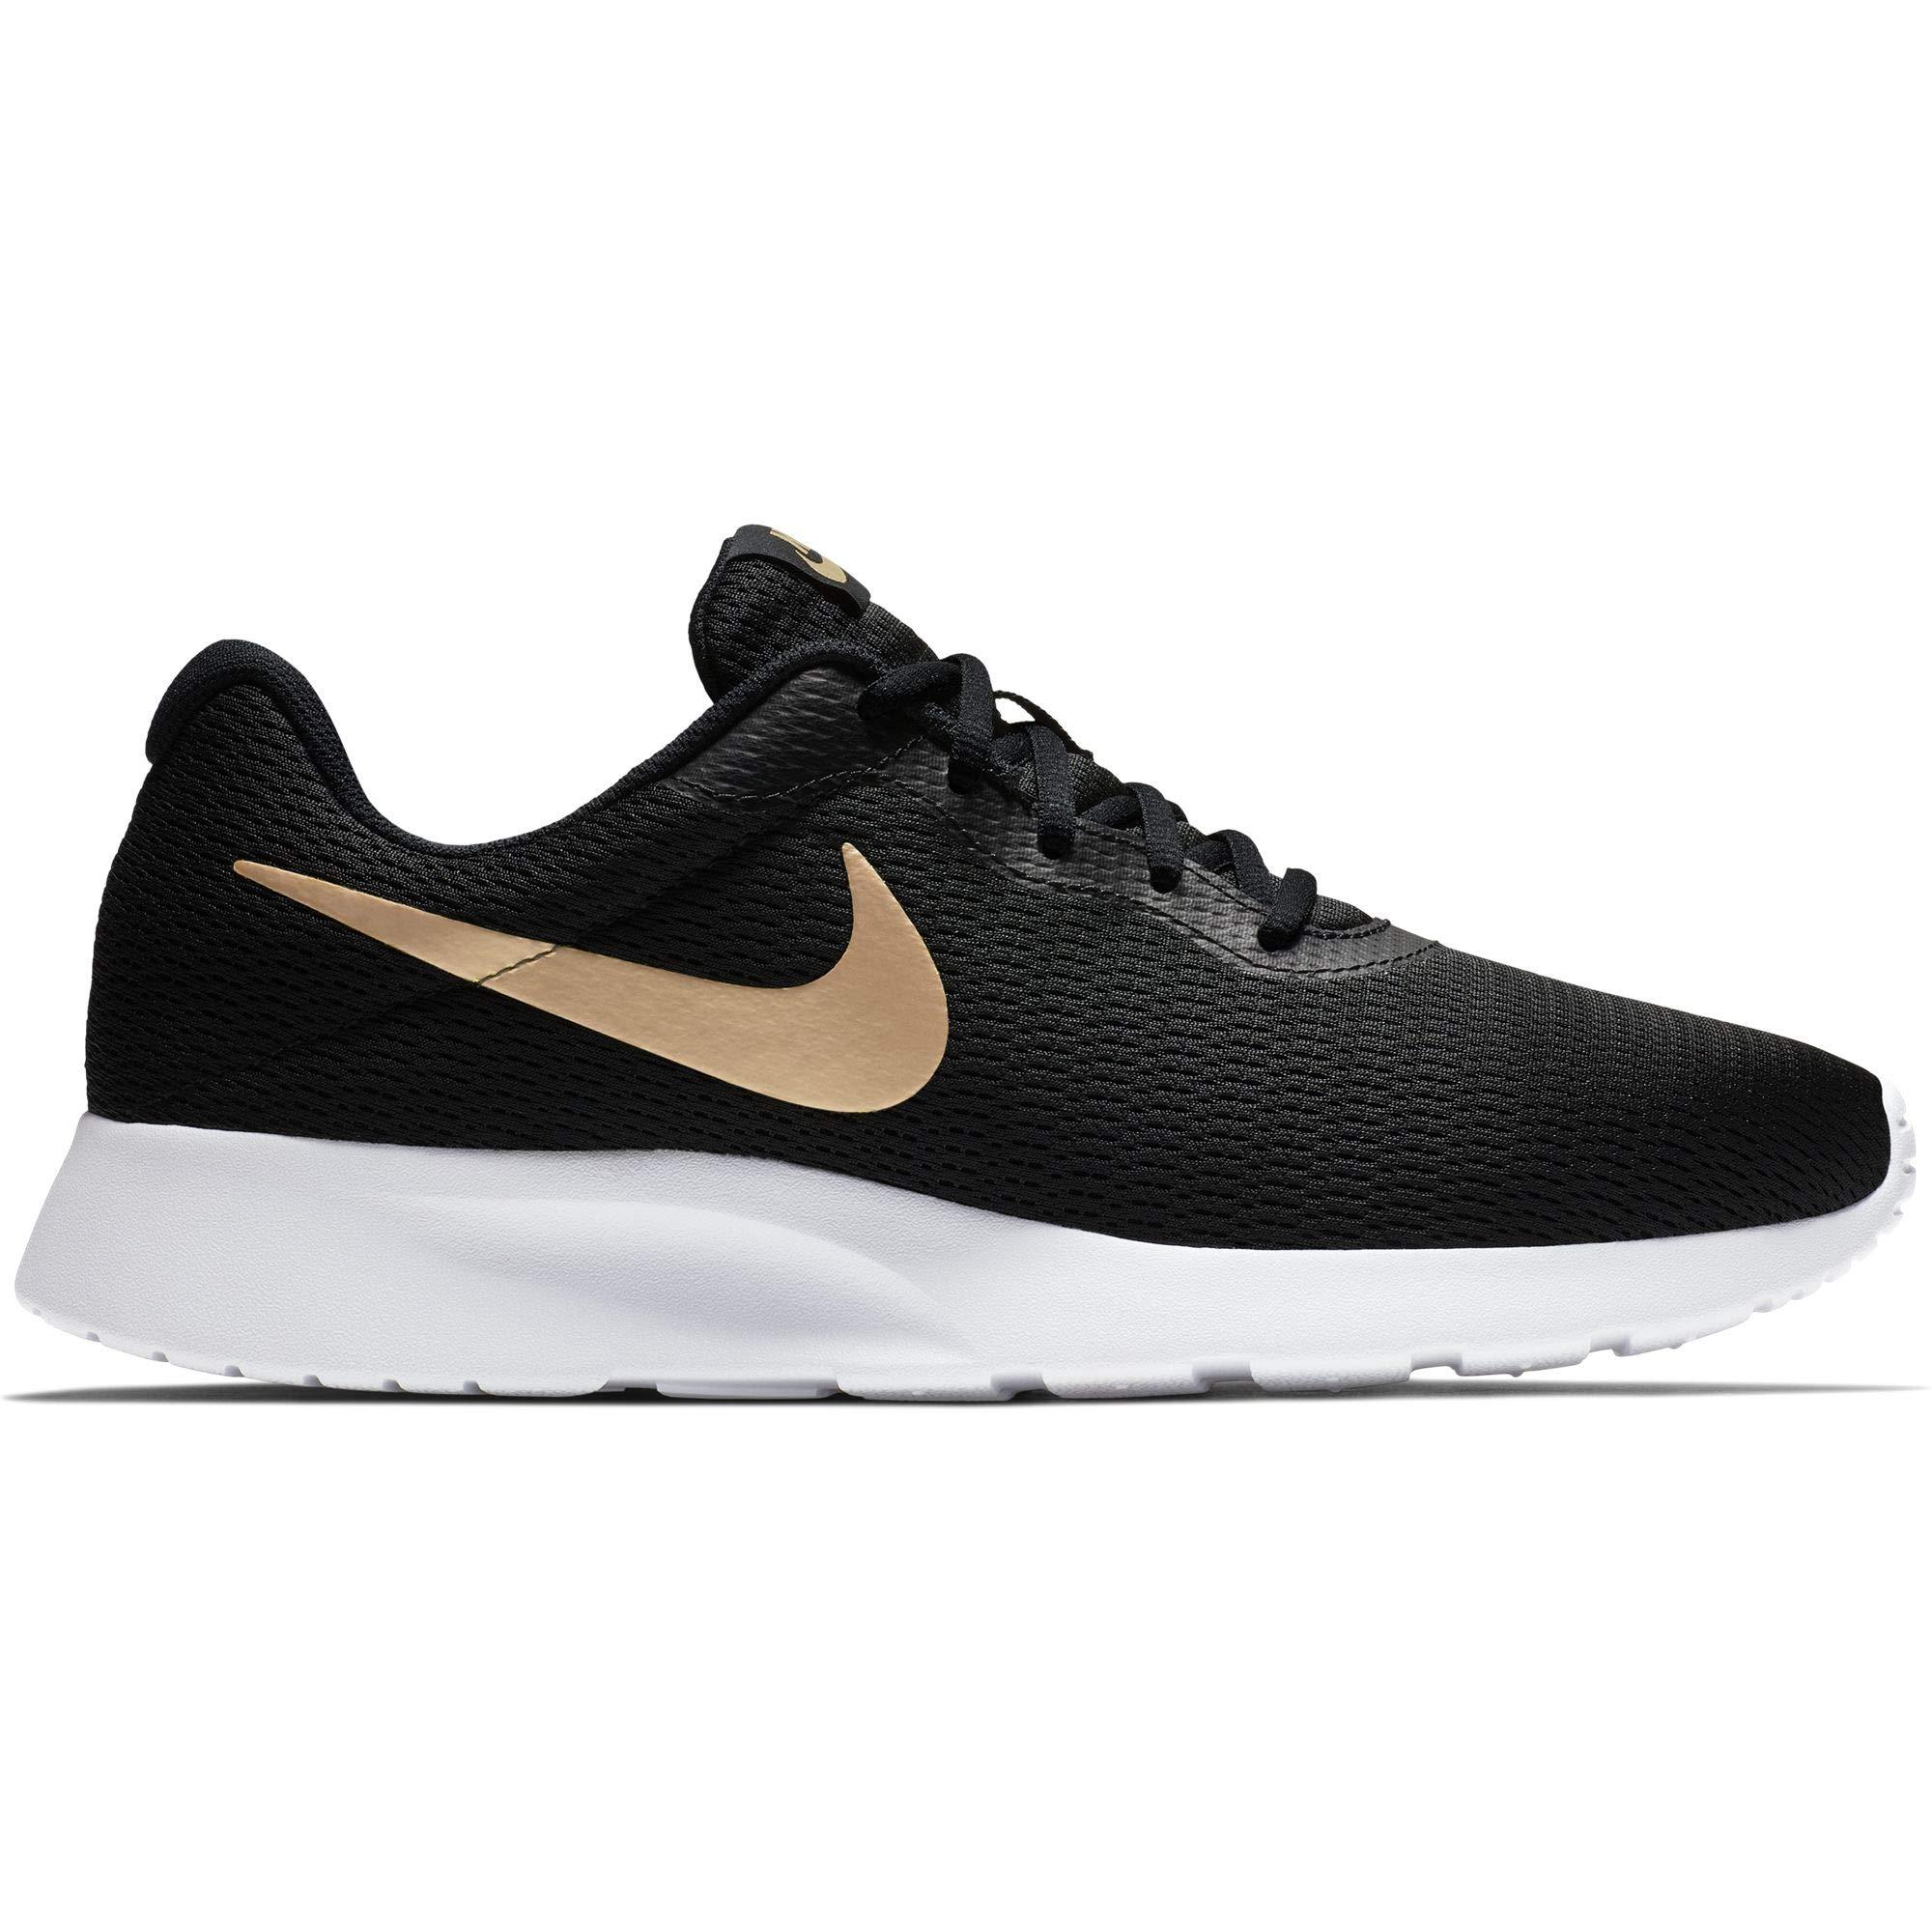 Nike Men's Tanjun Shoe Black/Metallic